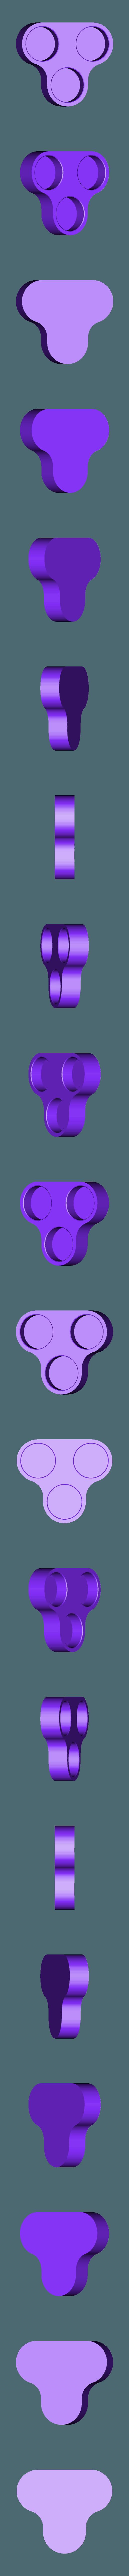 base.STL Télécharger fichier STL gratuit Support magnétique pour distributeur • Modèle pour impression 3D, perinski